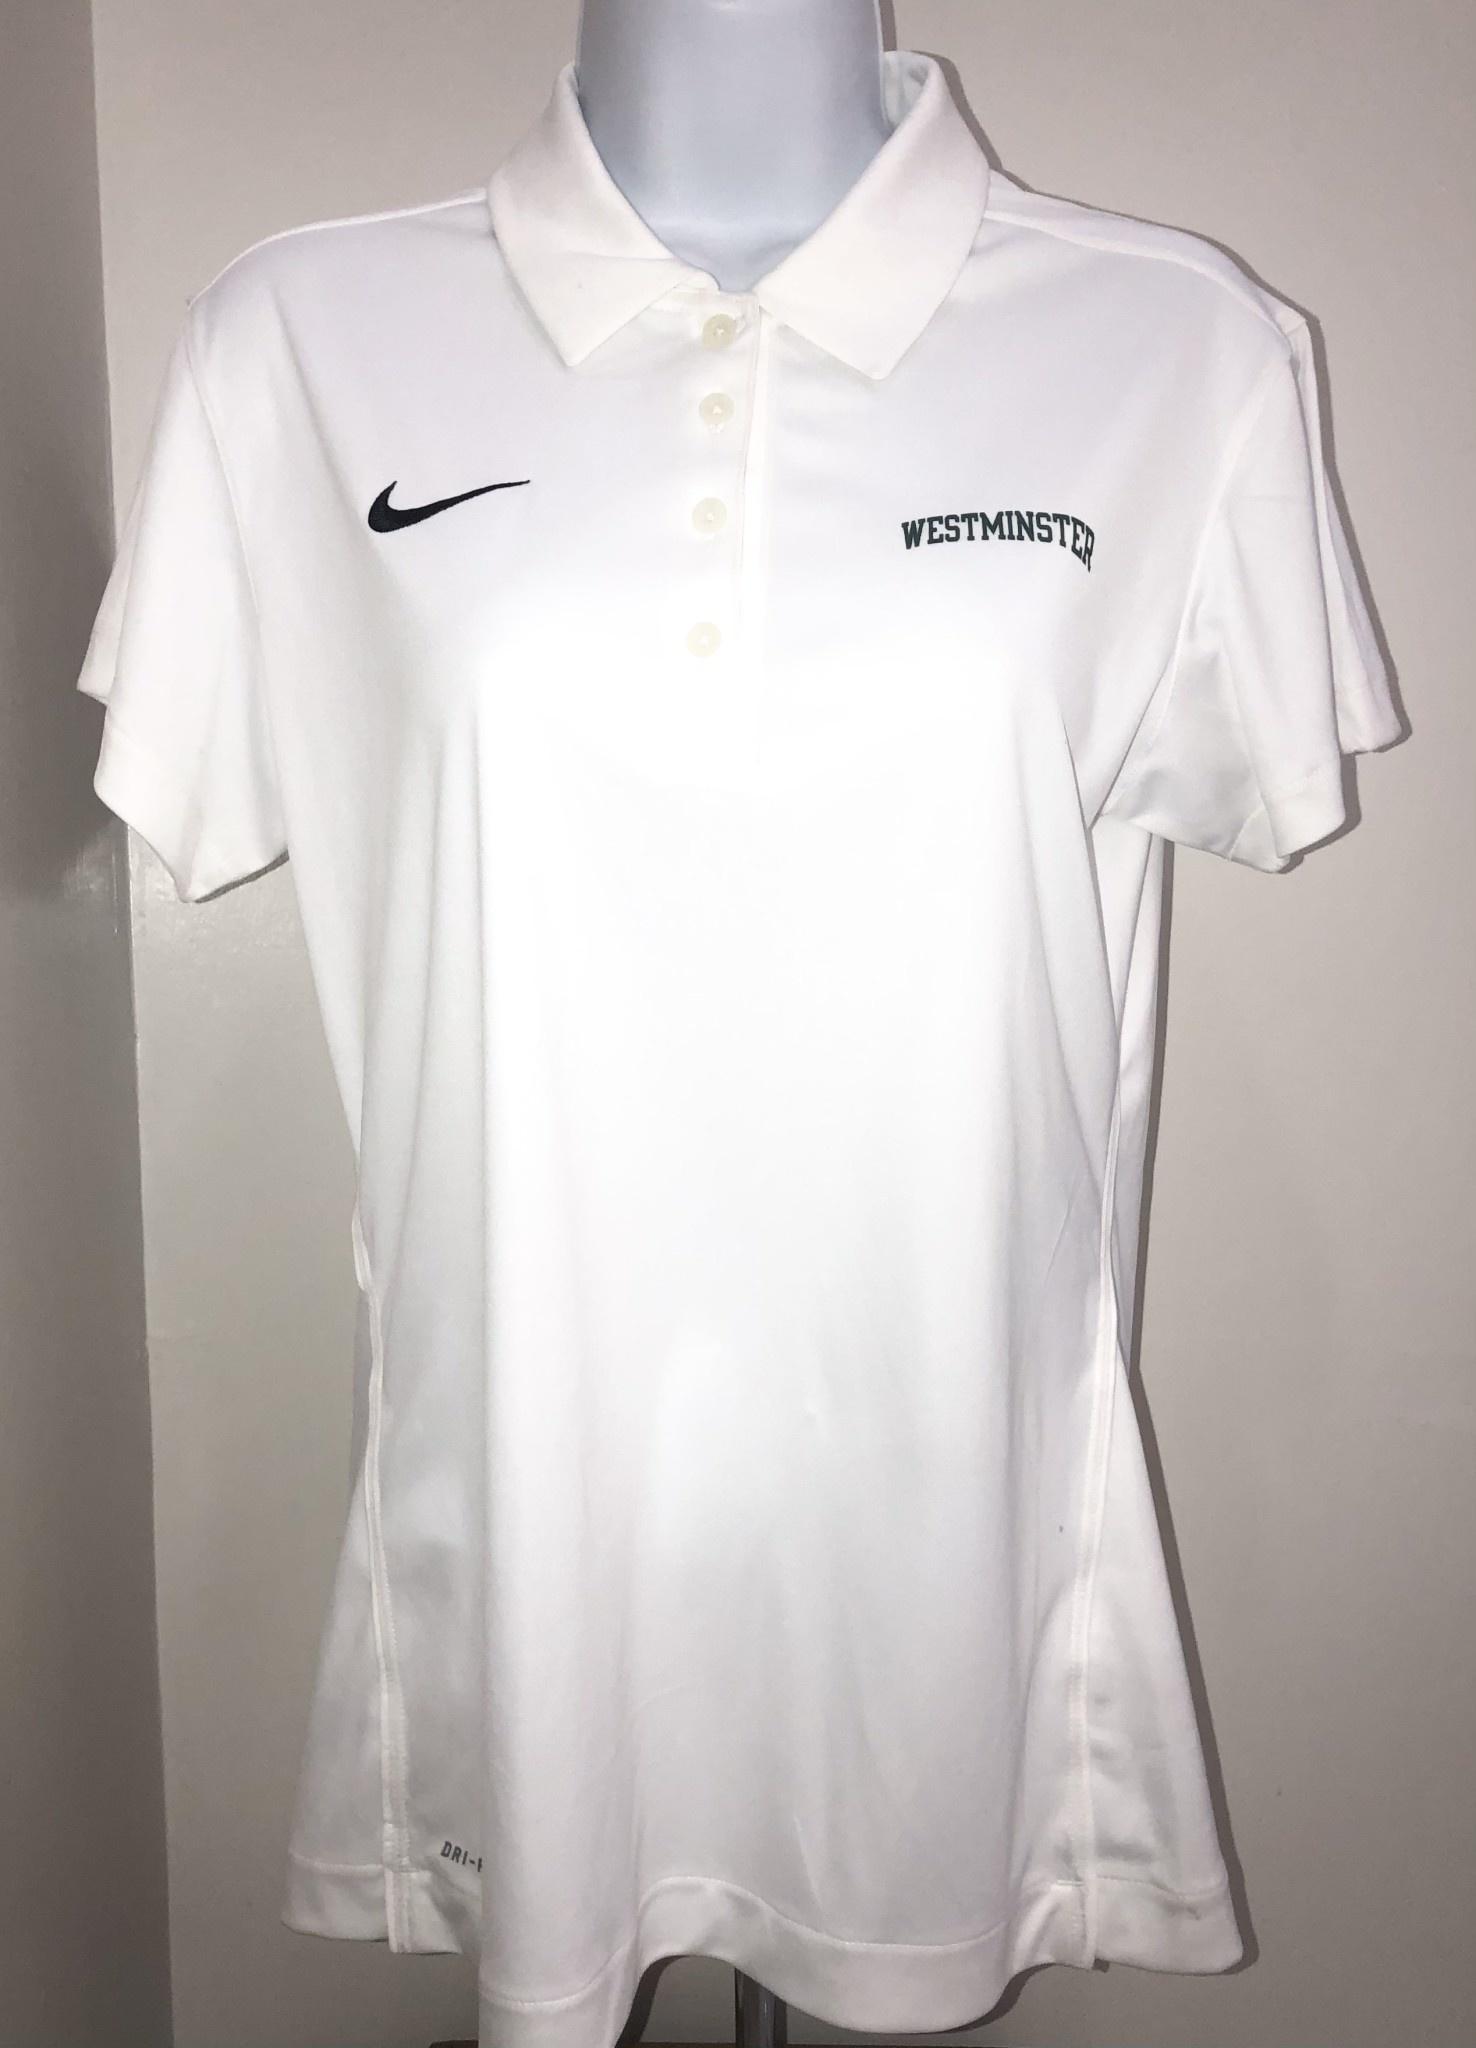 Nike Polo: Nike Dedication Polo Ladies - White